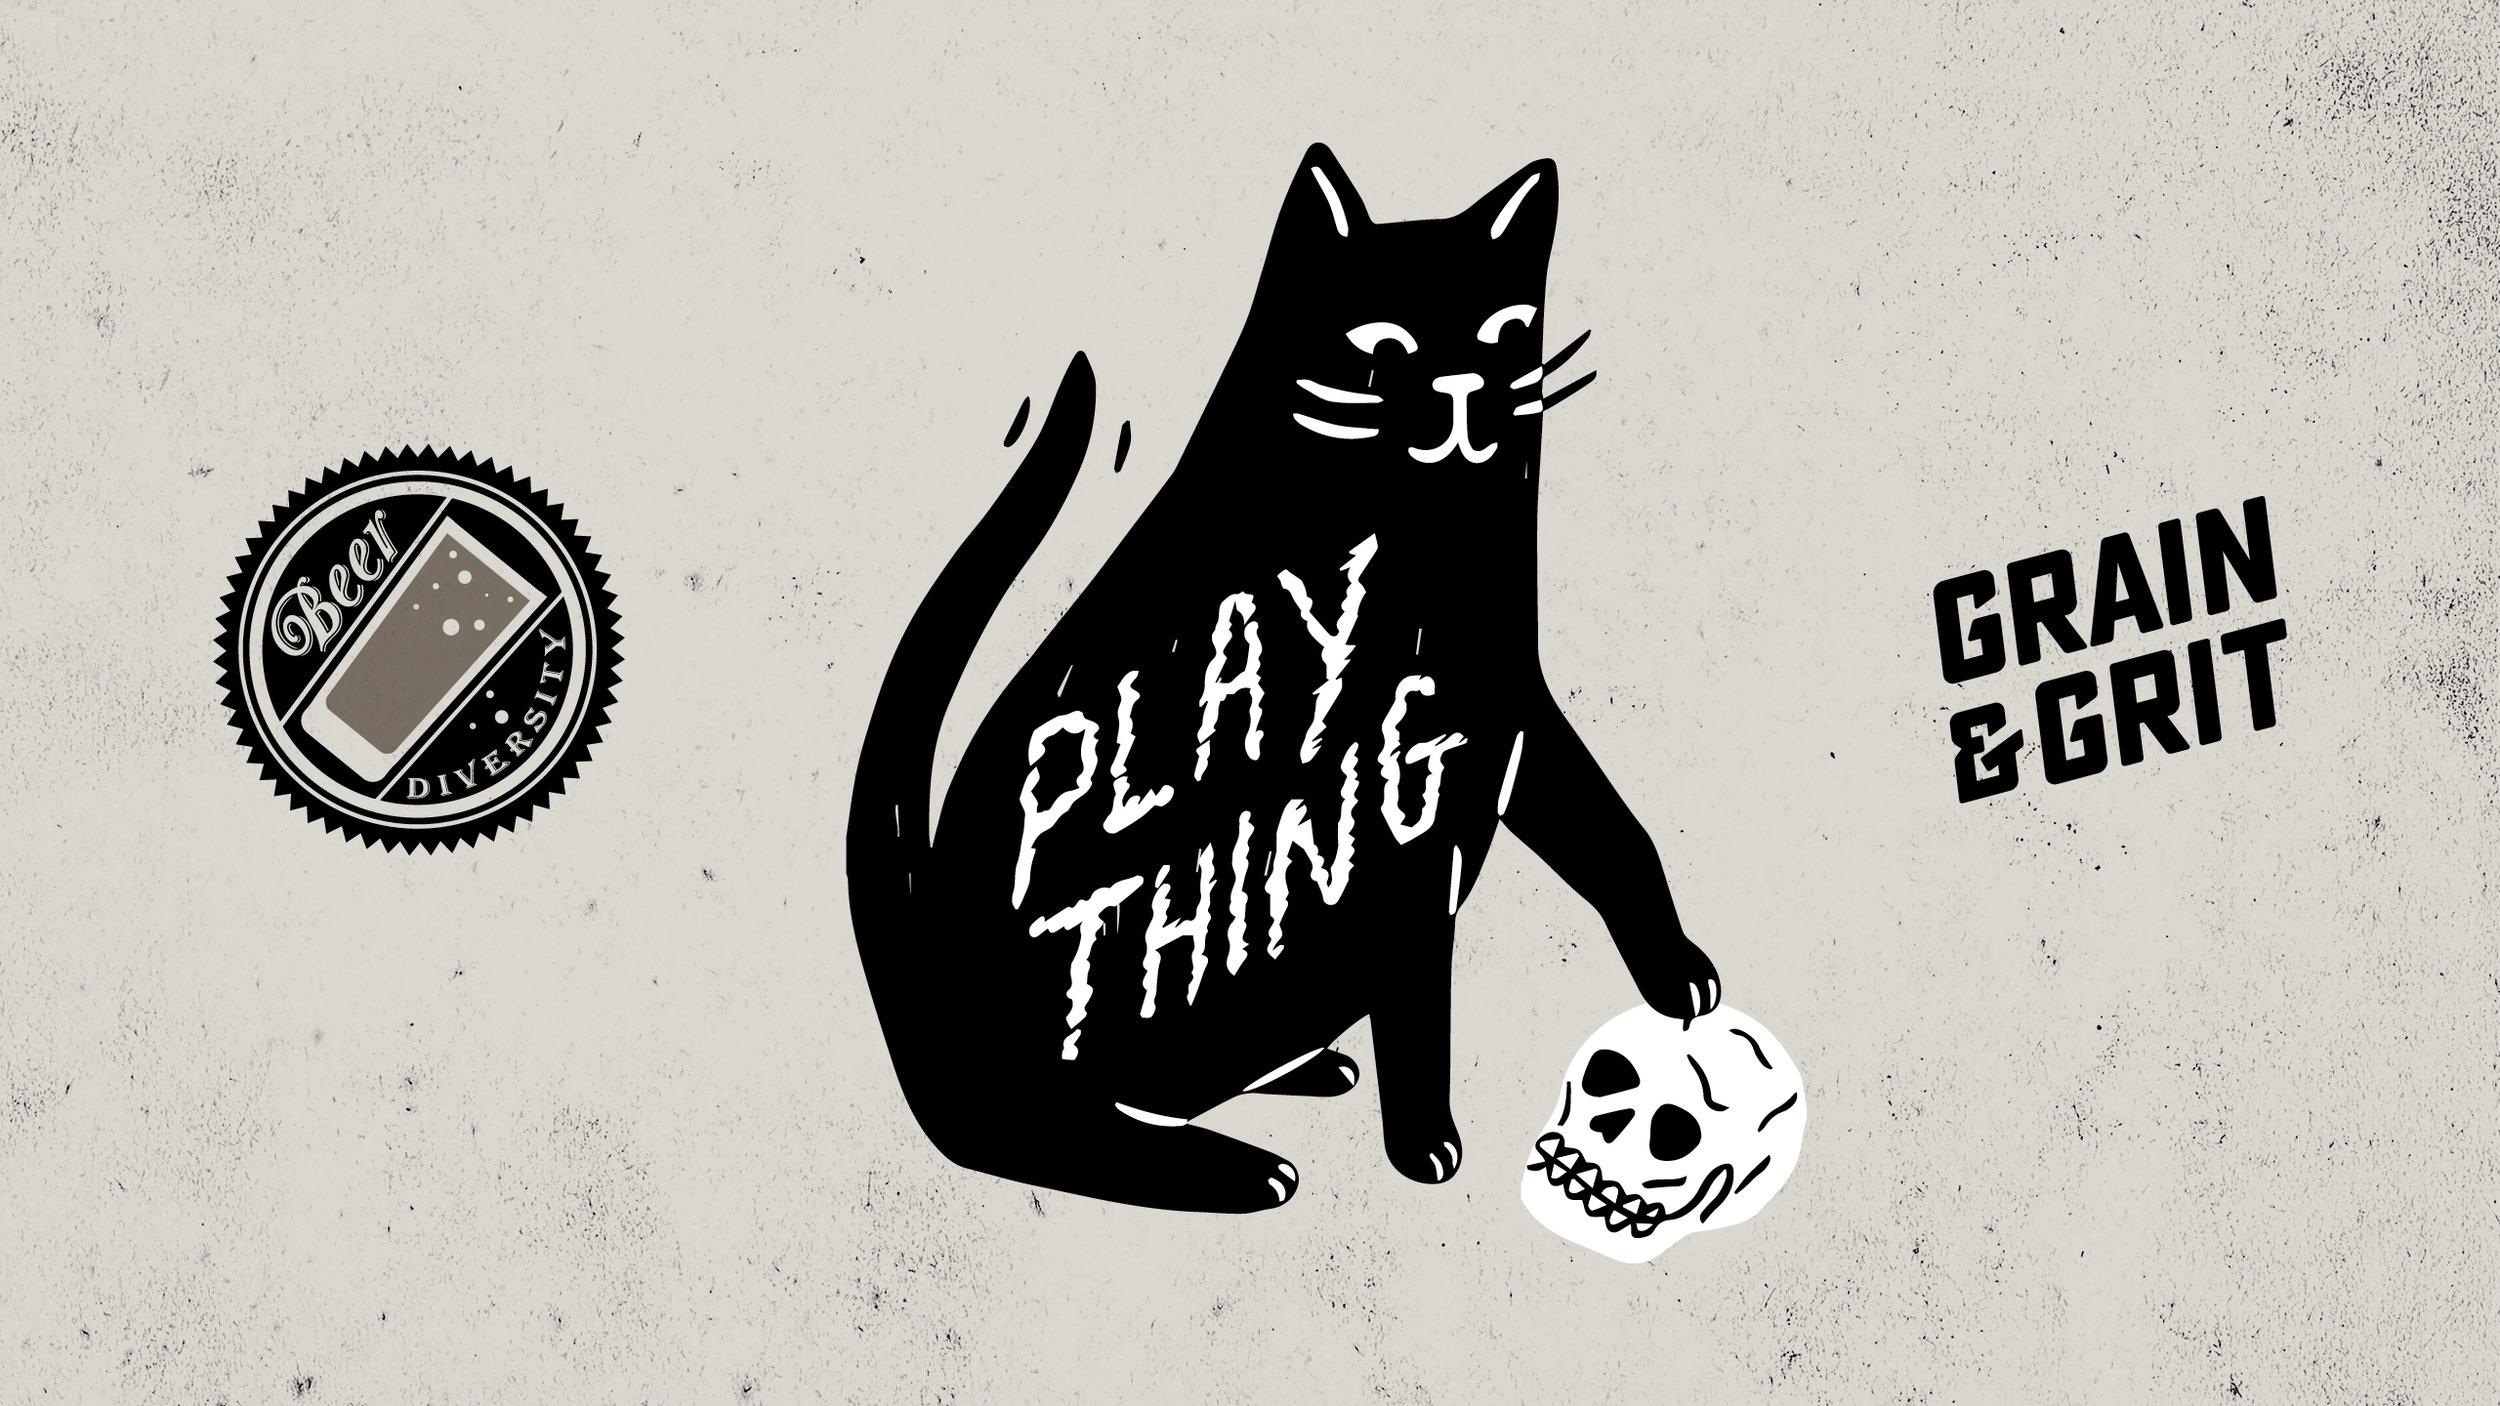 GG-Play-Thing-fb.jpg